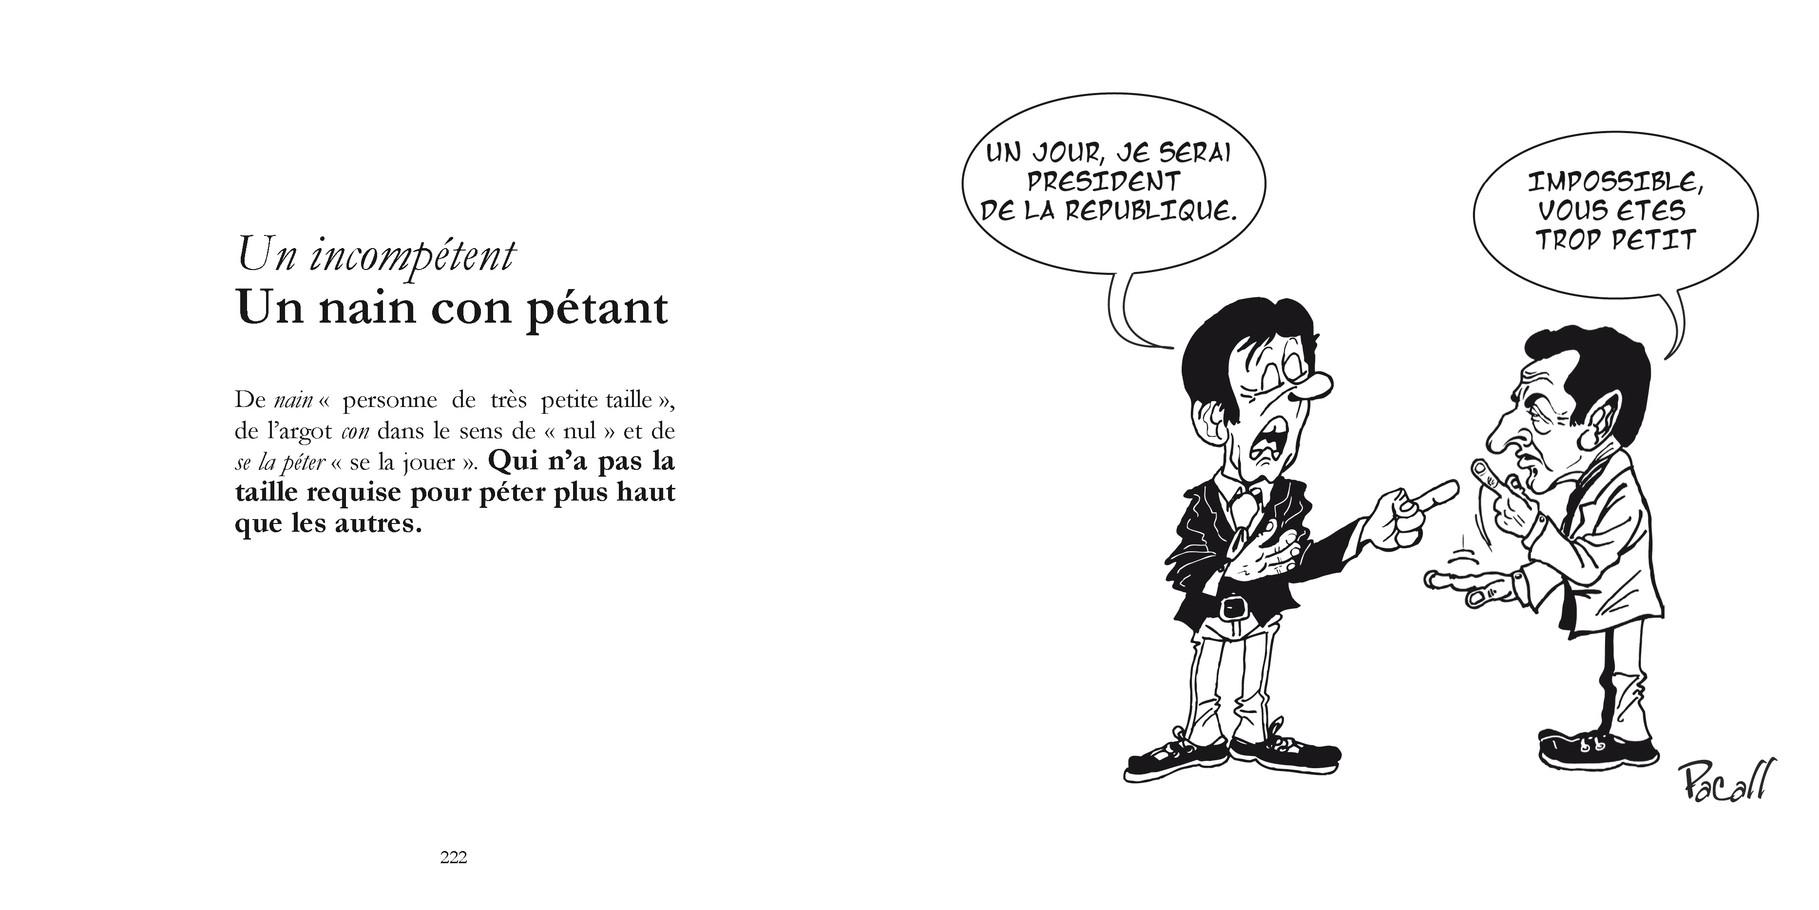 Un incompétent - Un nain con pétant /  P222-223 du Bestof 1 / Texte Edith - Dessin Pacall   Droits réservés   Reproduction interdite